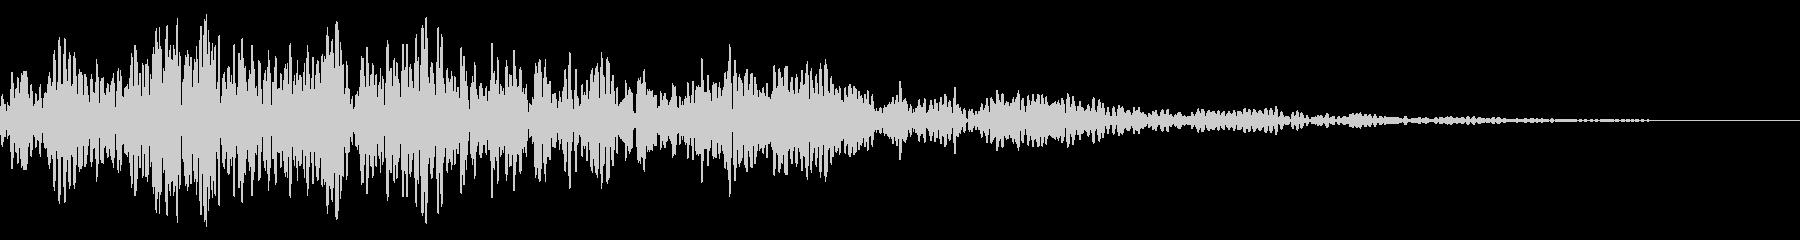 シネマティック/カットイン/風切り23bの未再生の波形